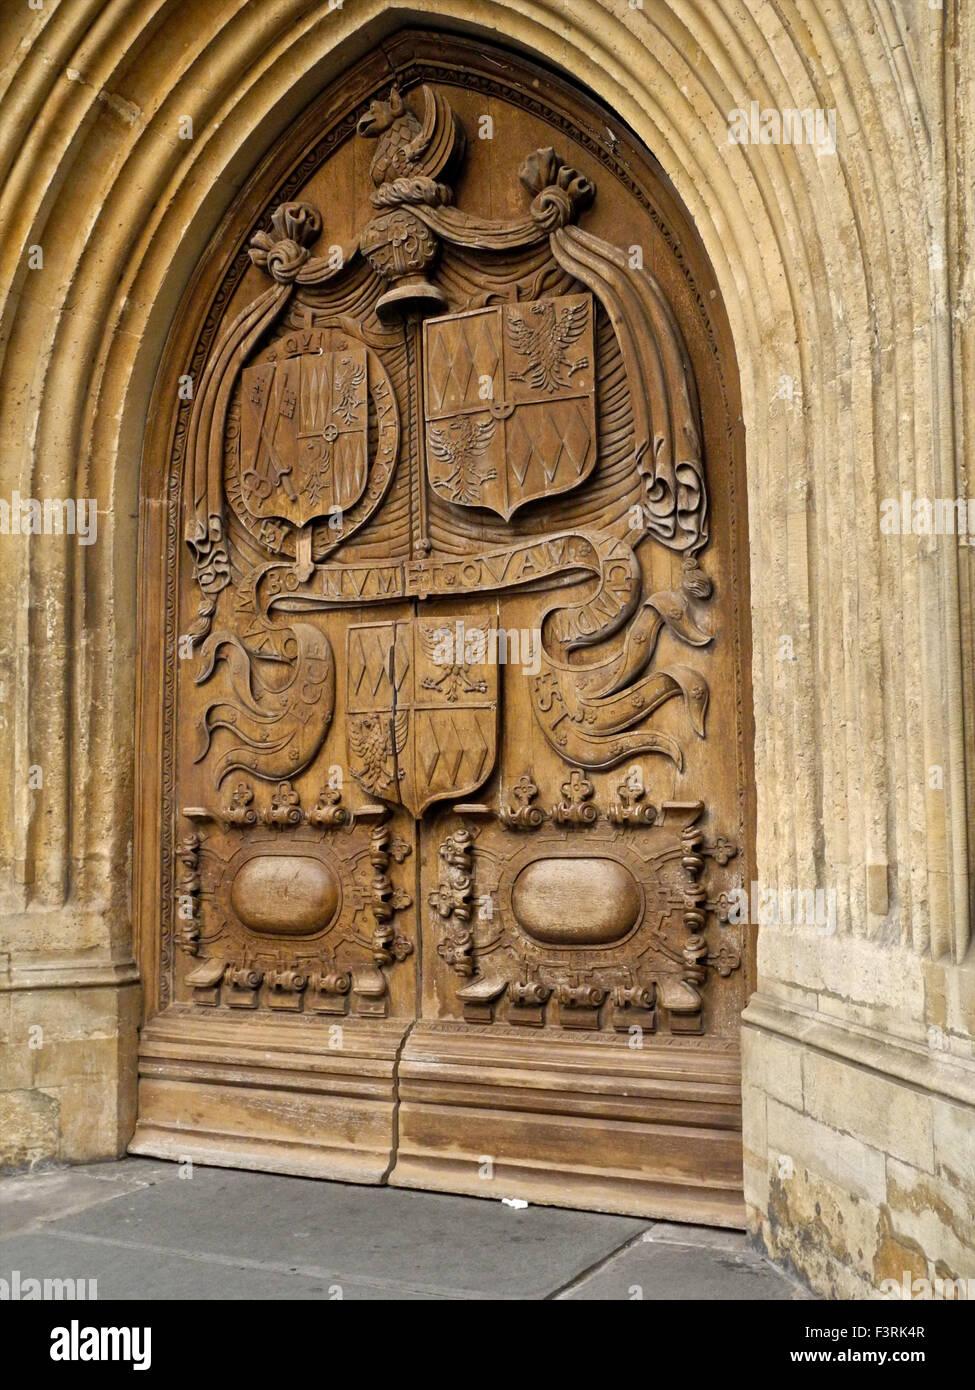 Das West-Tor der Abteikirche von Bath Stockbild